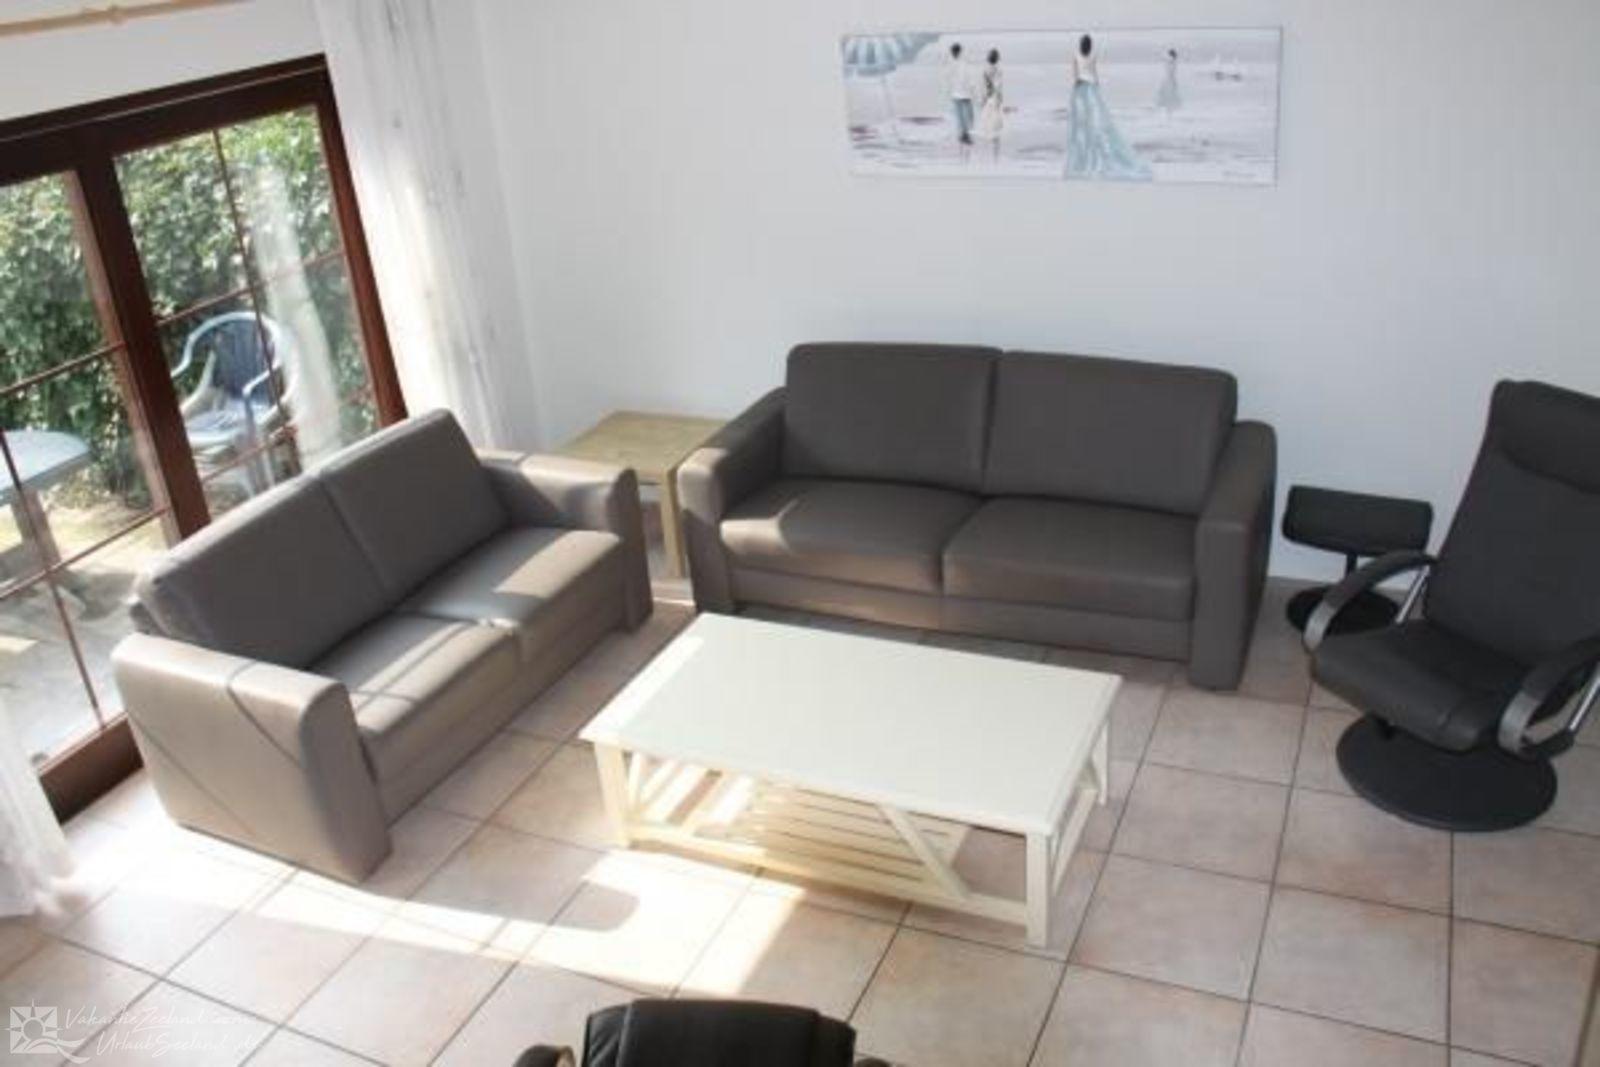 VZ576 Holiday Home Cadzand